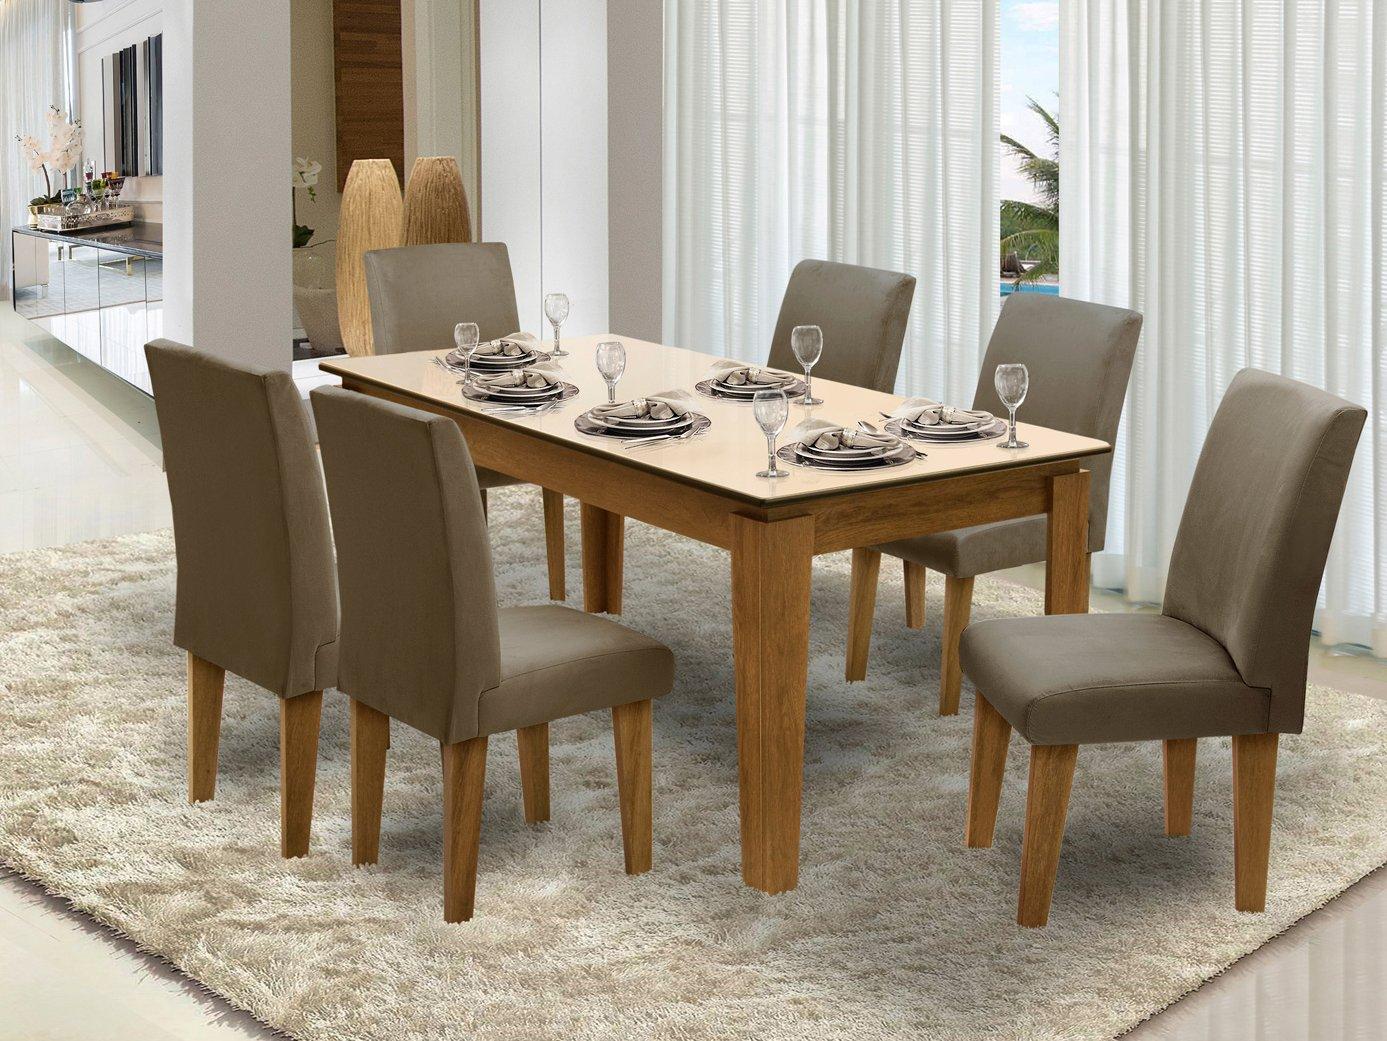 Foto 1 - Conjunto de Mesa com 6 Cadeiras Estofadas - Dobuê Movelaria Siena